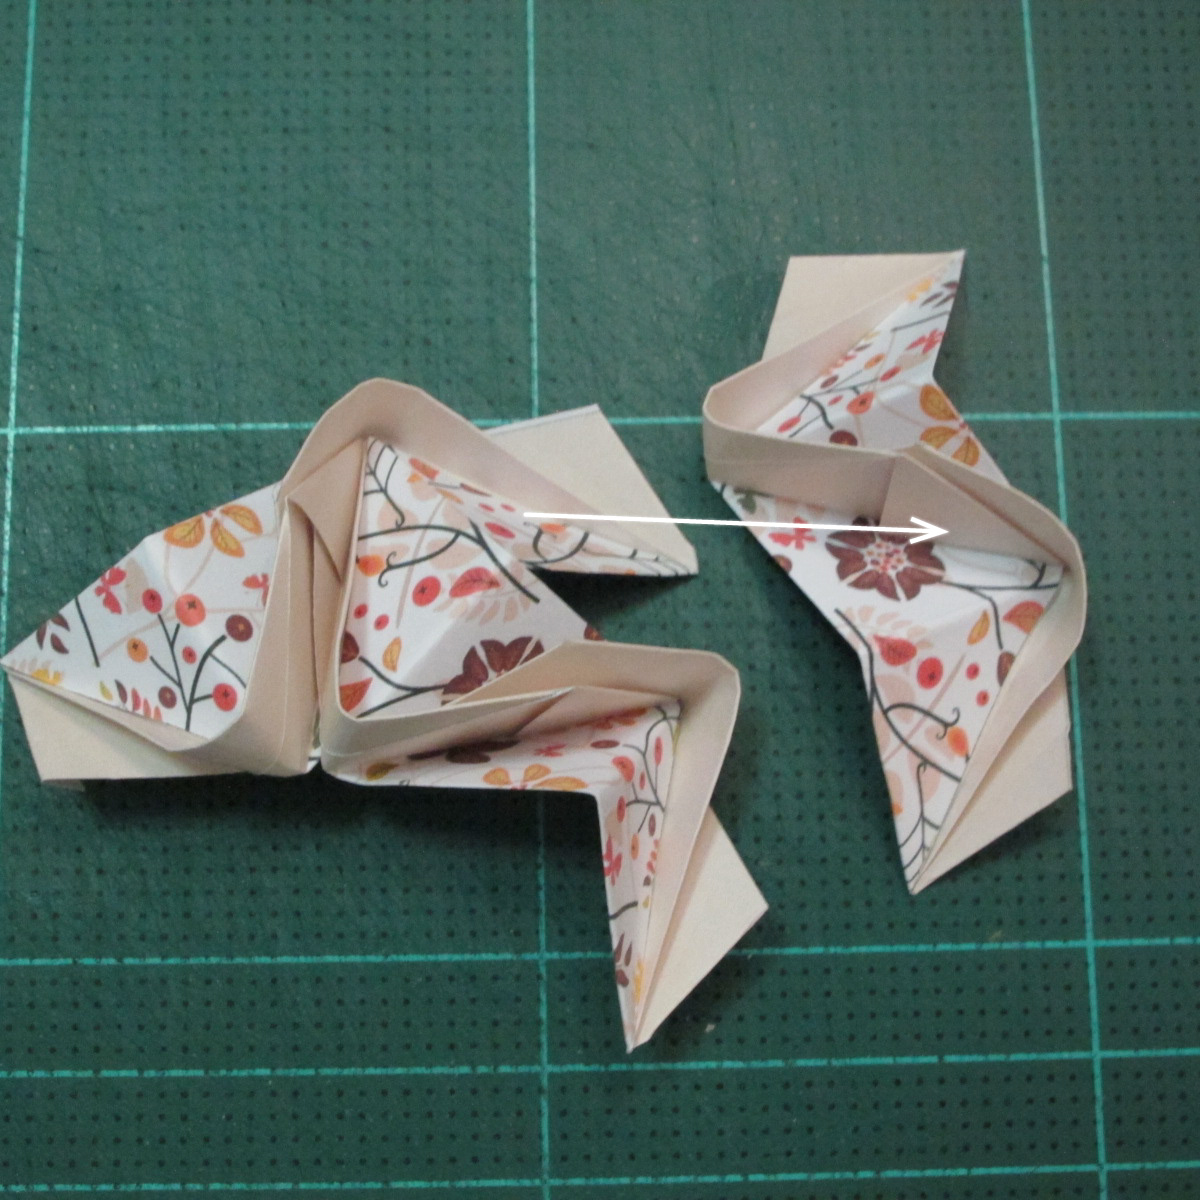 วิธีการพับลูกบอลกระดาษญี่ปุ่นแบบโคลเวอร์ (Clover Kusudama)015